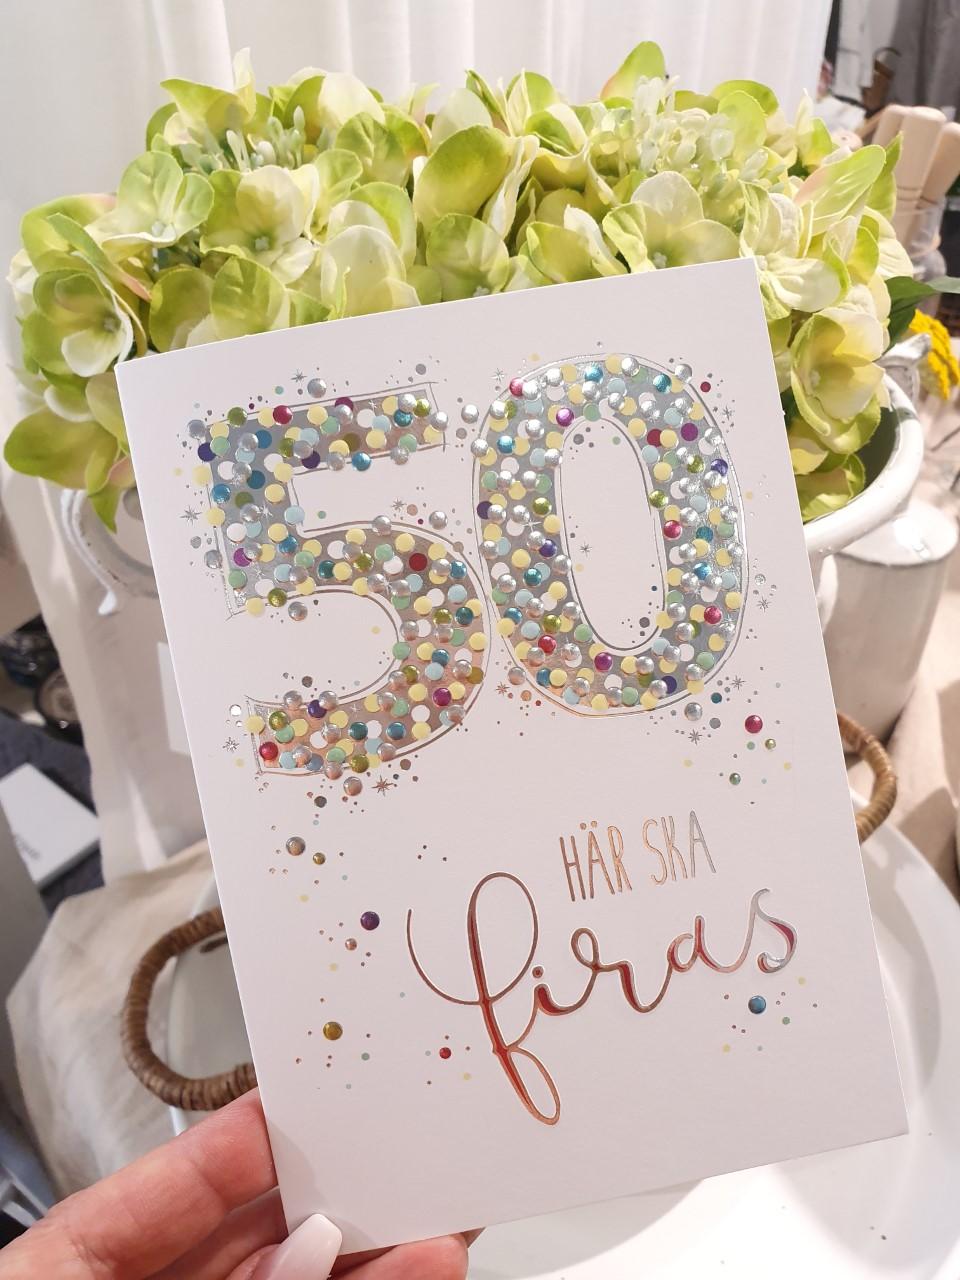 50 - här ska firas, kort från Pictura